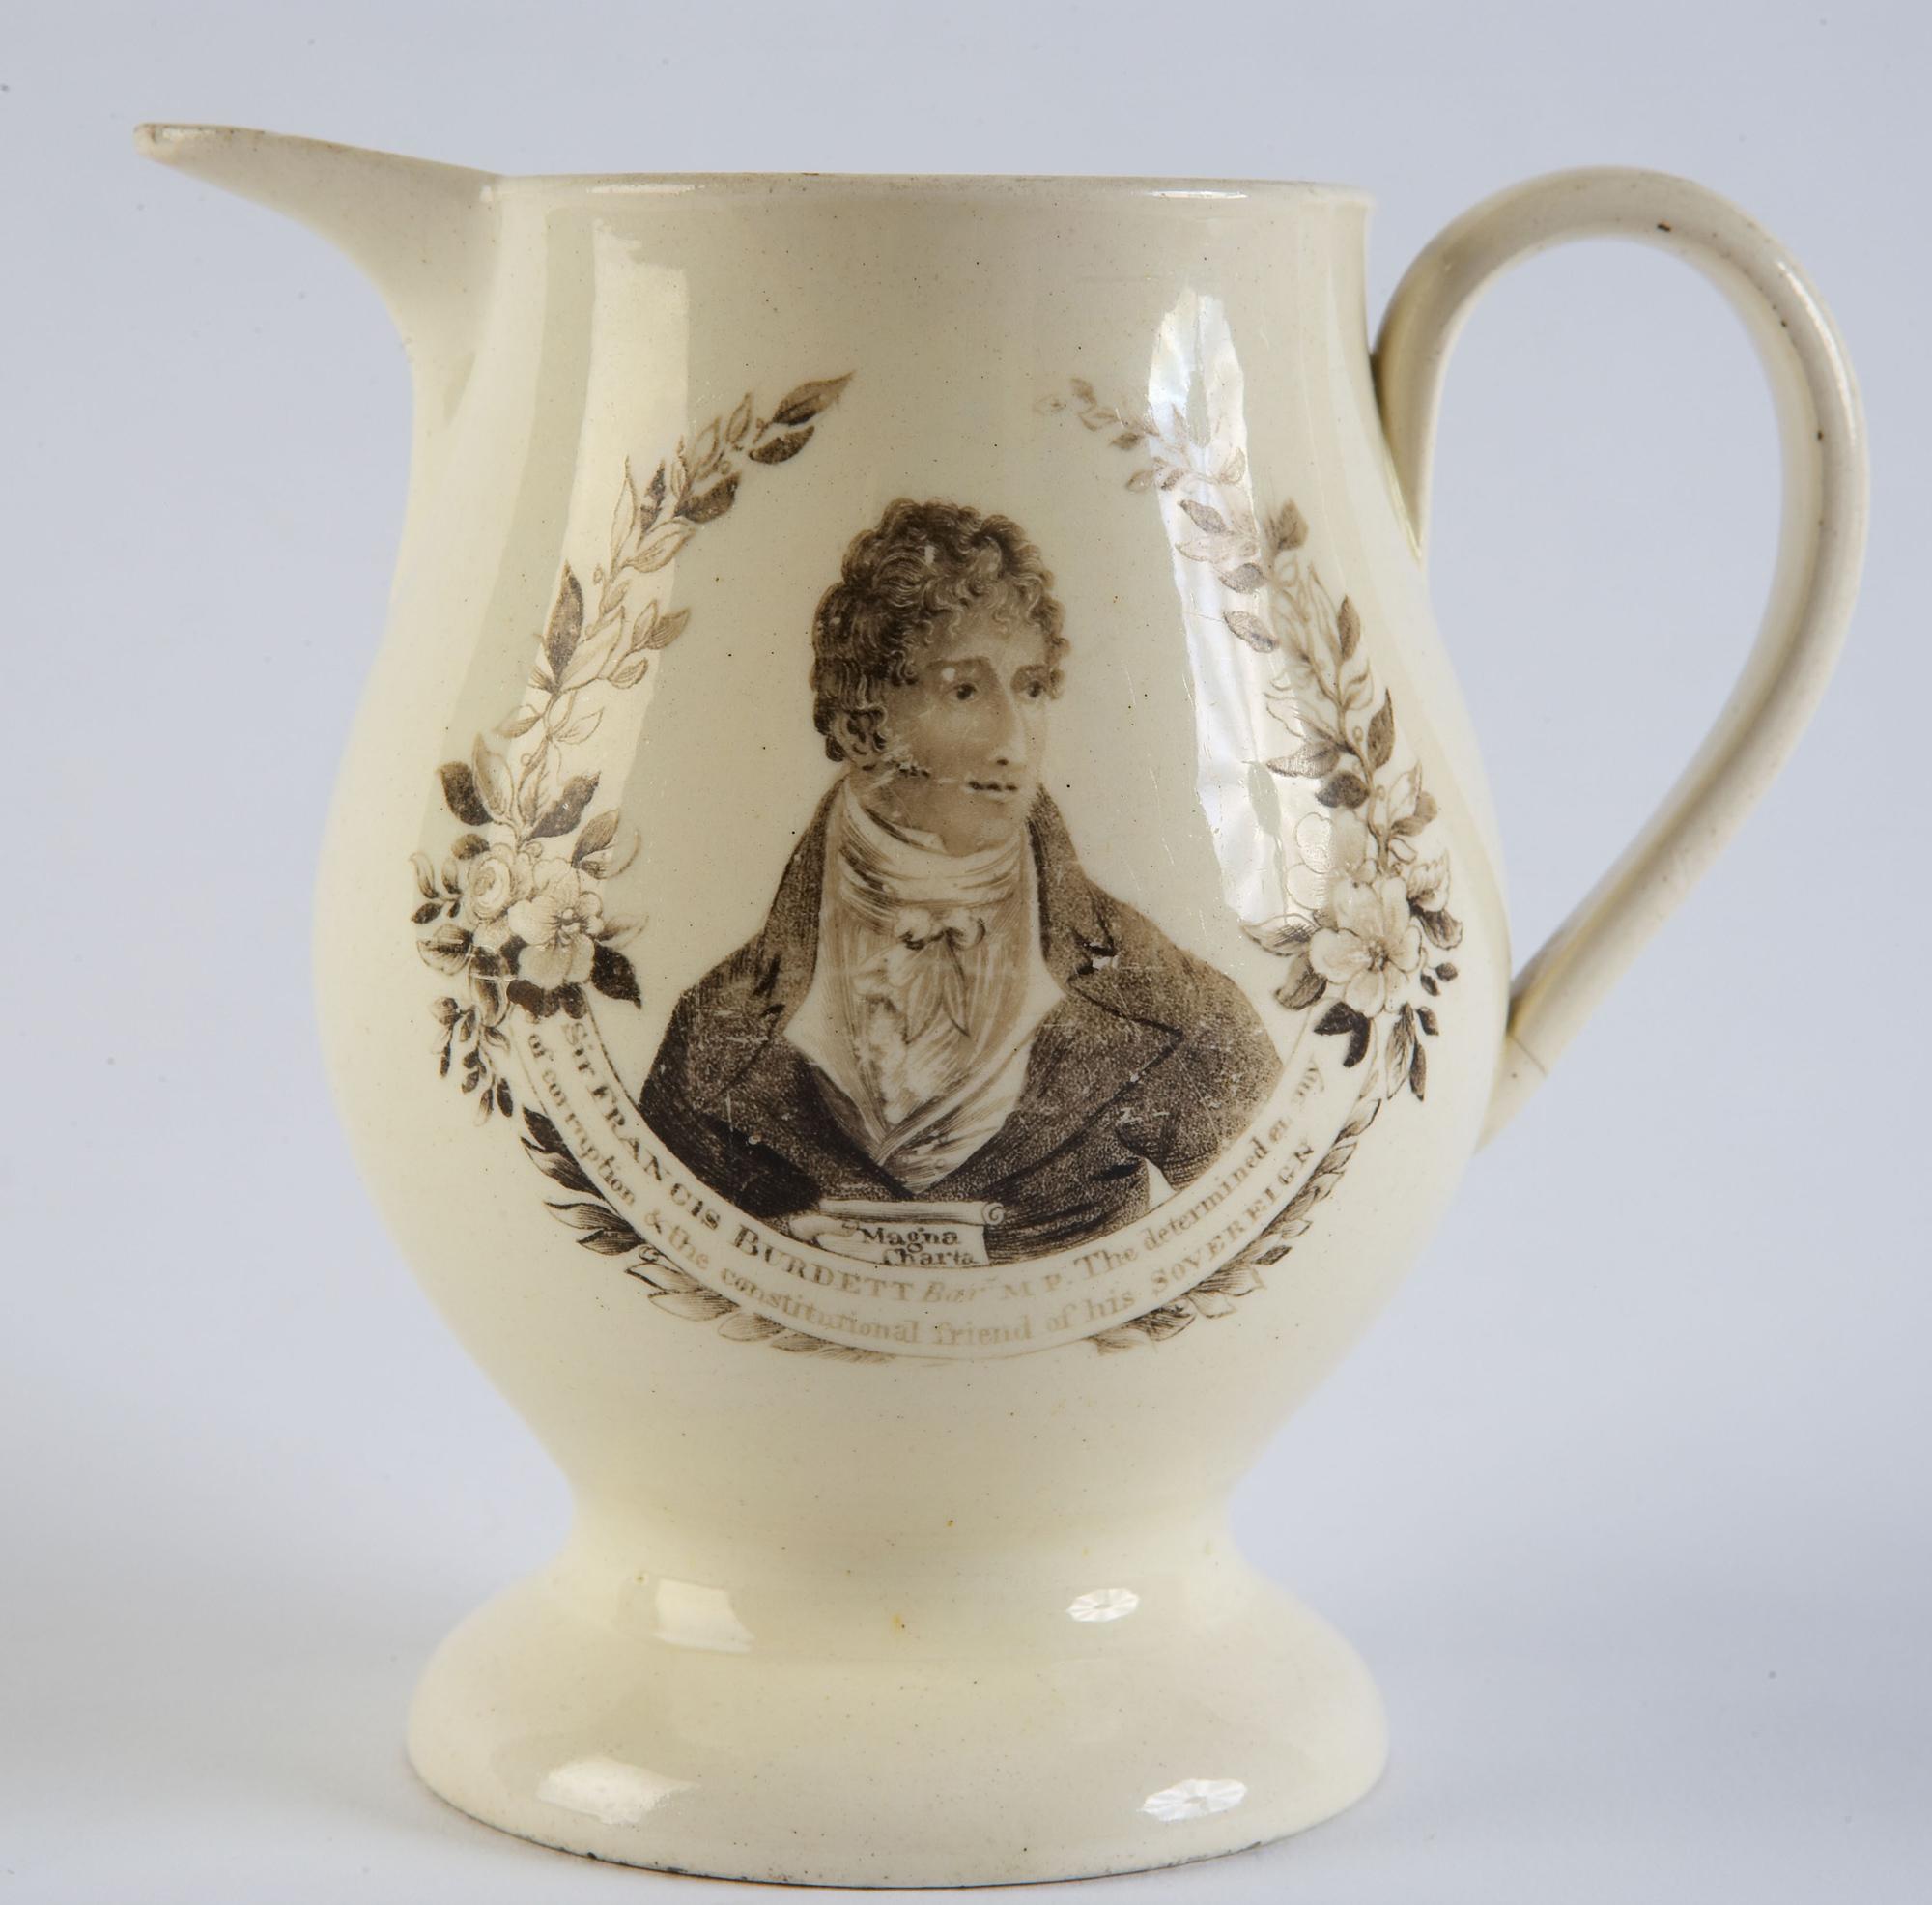 Porcelain jug depicting Francis Burdett